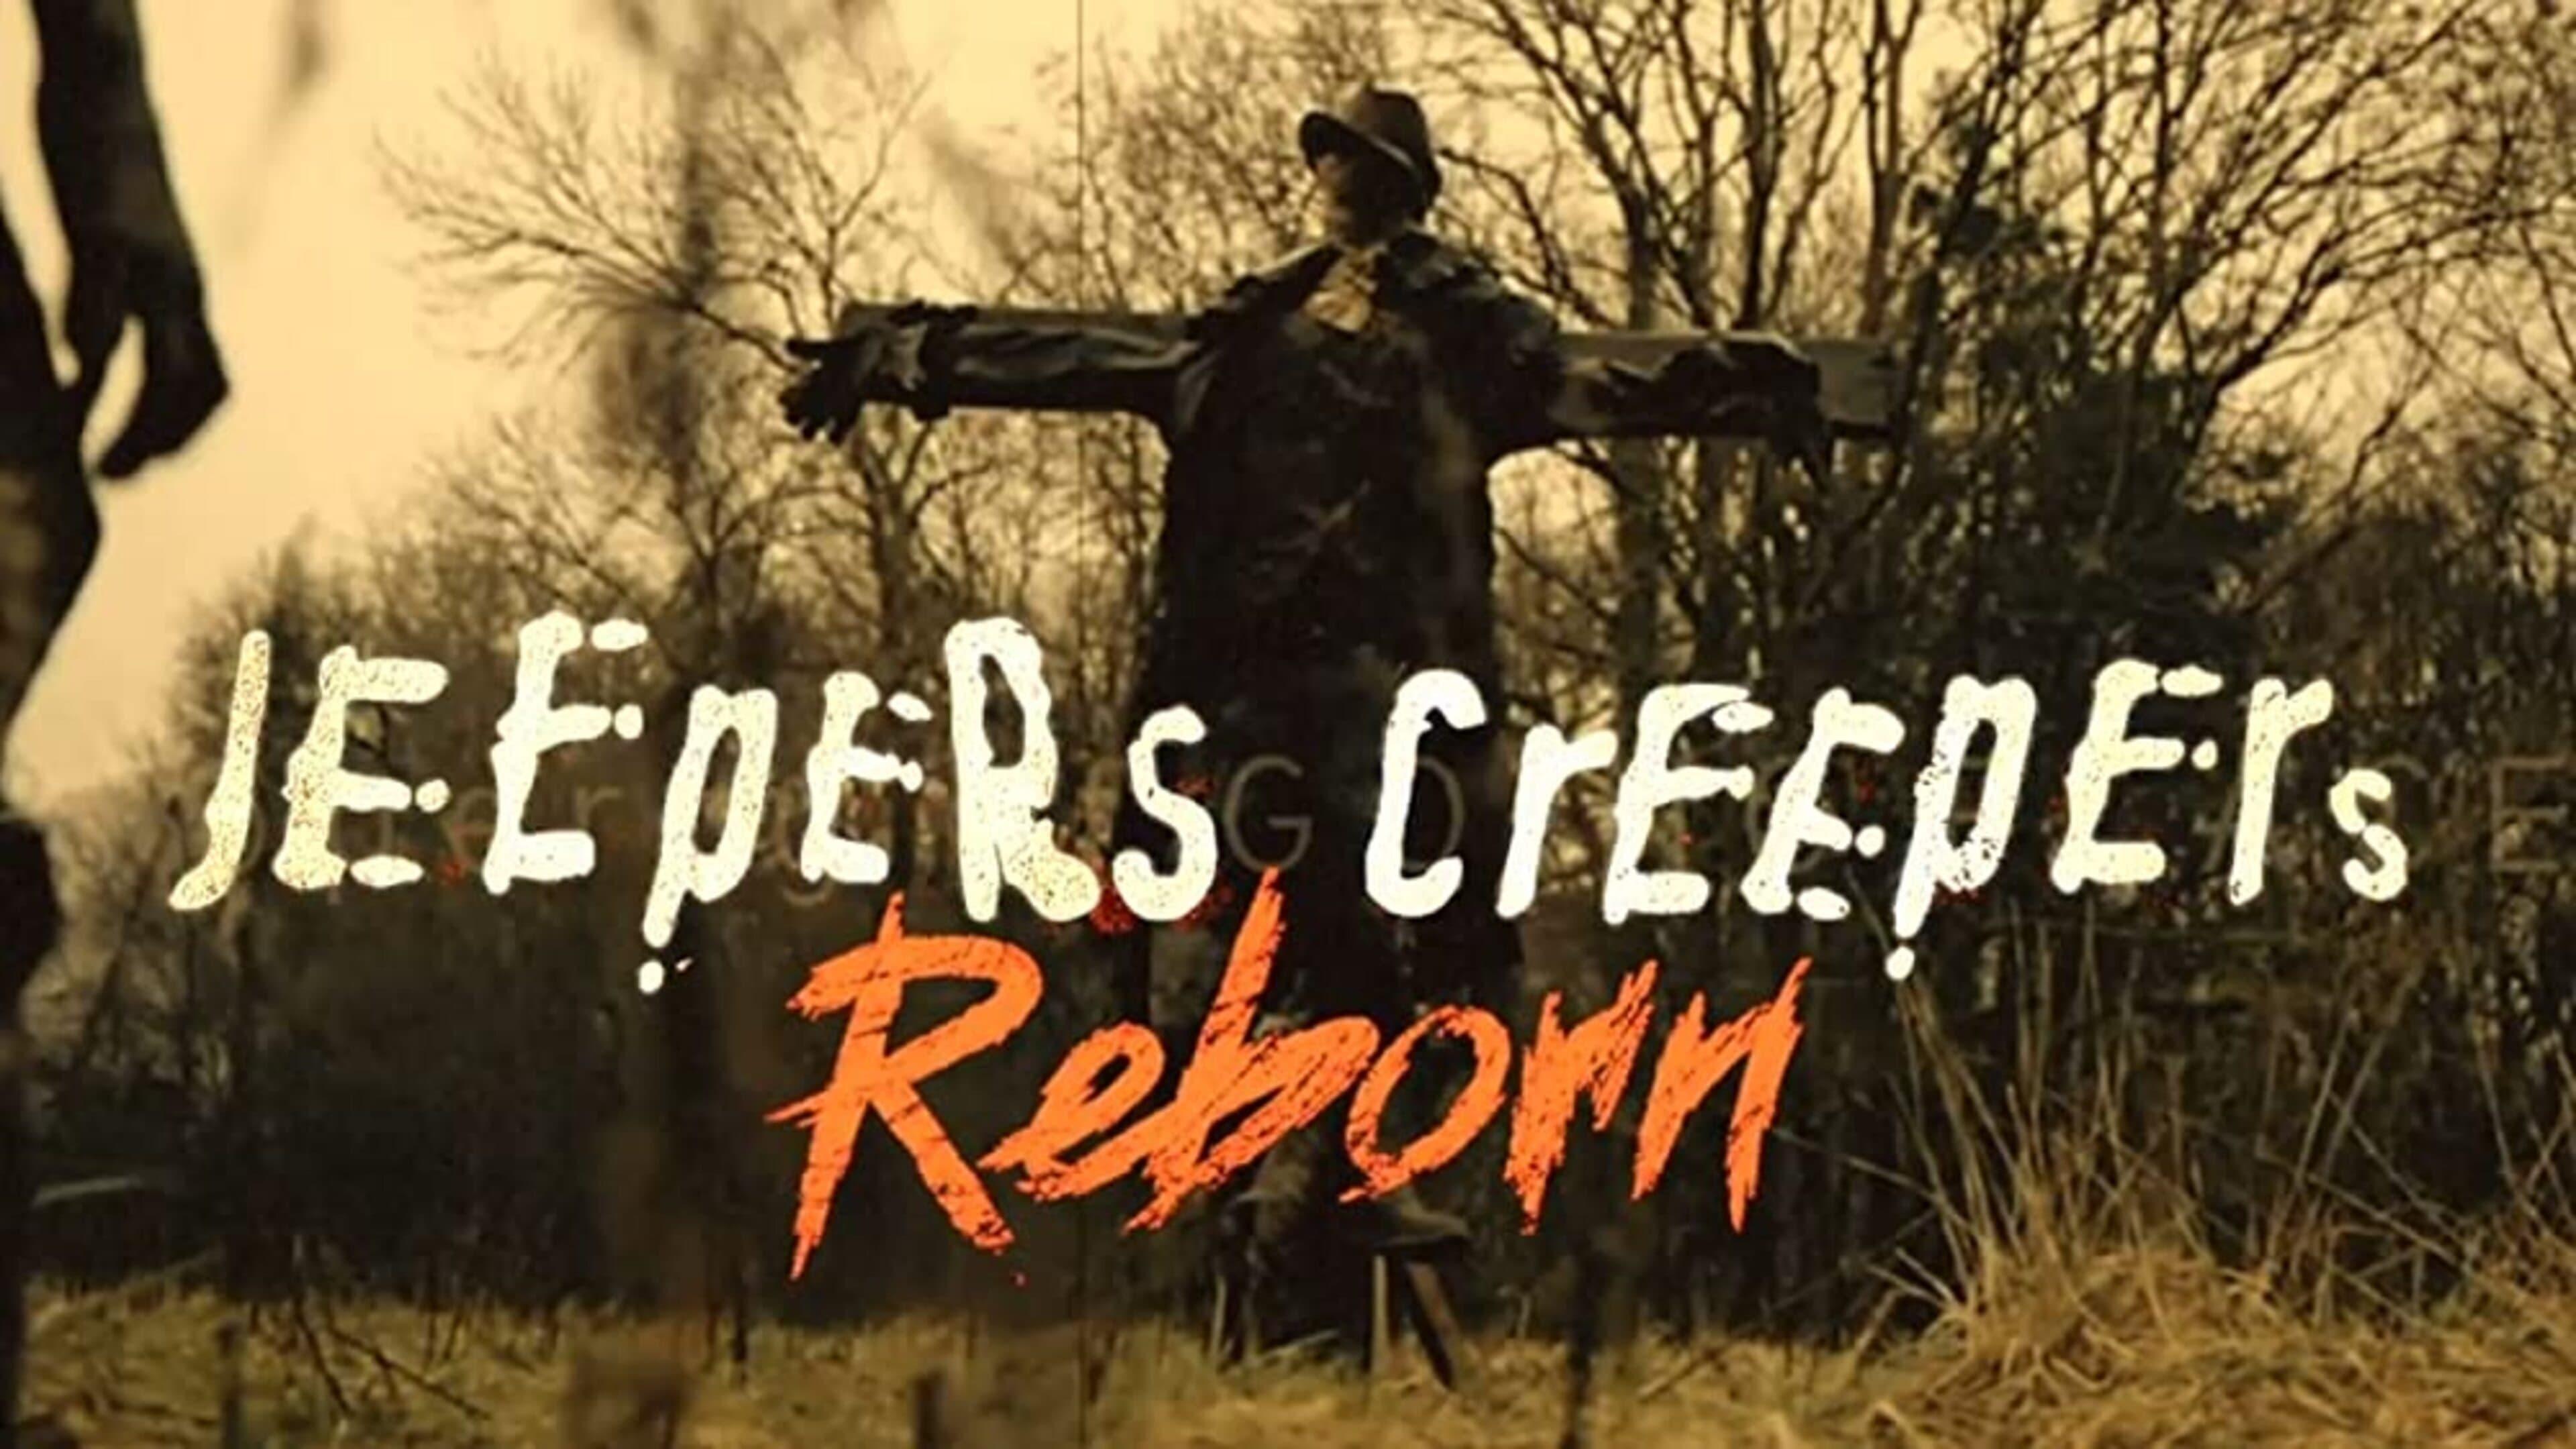 Ver Jeepers Creepers Reborn 2021 Online Gratis En Hd Azpelis